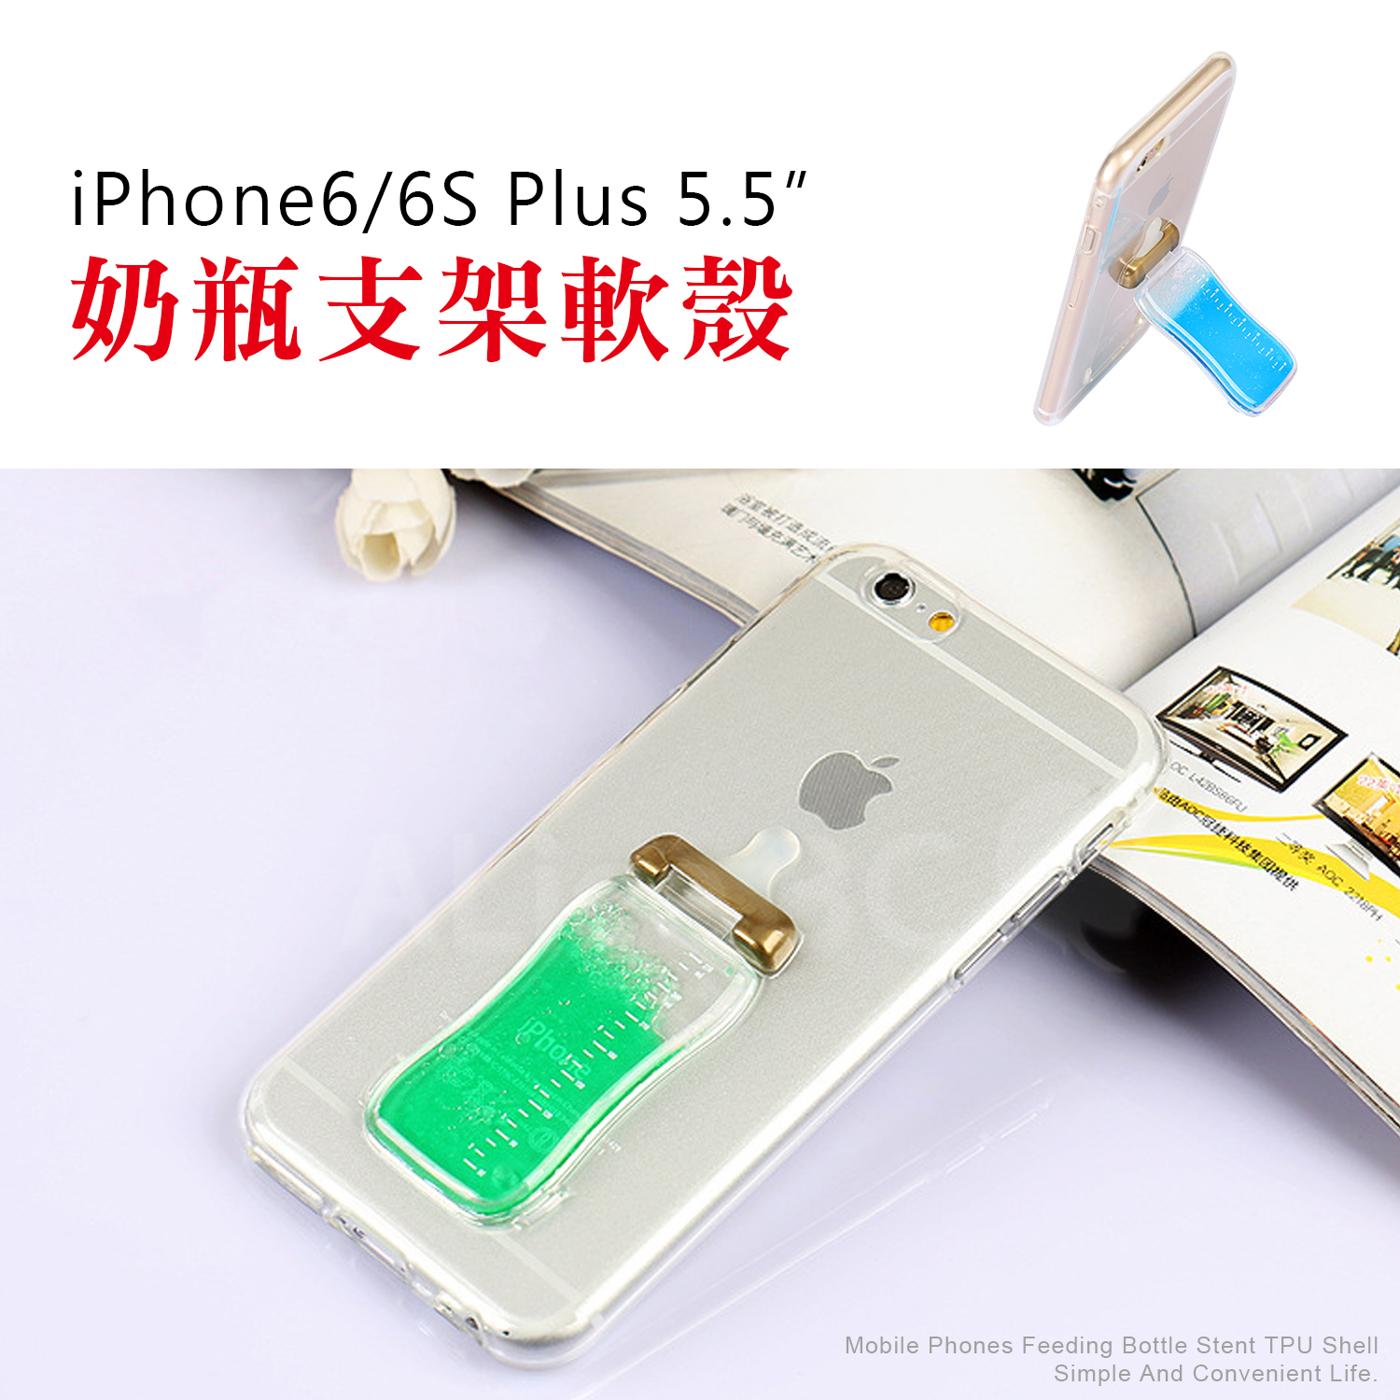 iPhone 6 6S Plus奶瓶支架軟殼保護殼C-I6-P43手機殼背蓋立架5.5吋Alice3C